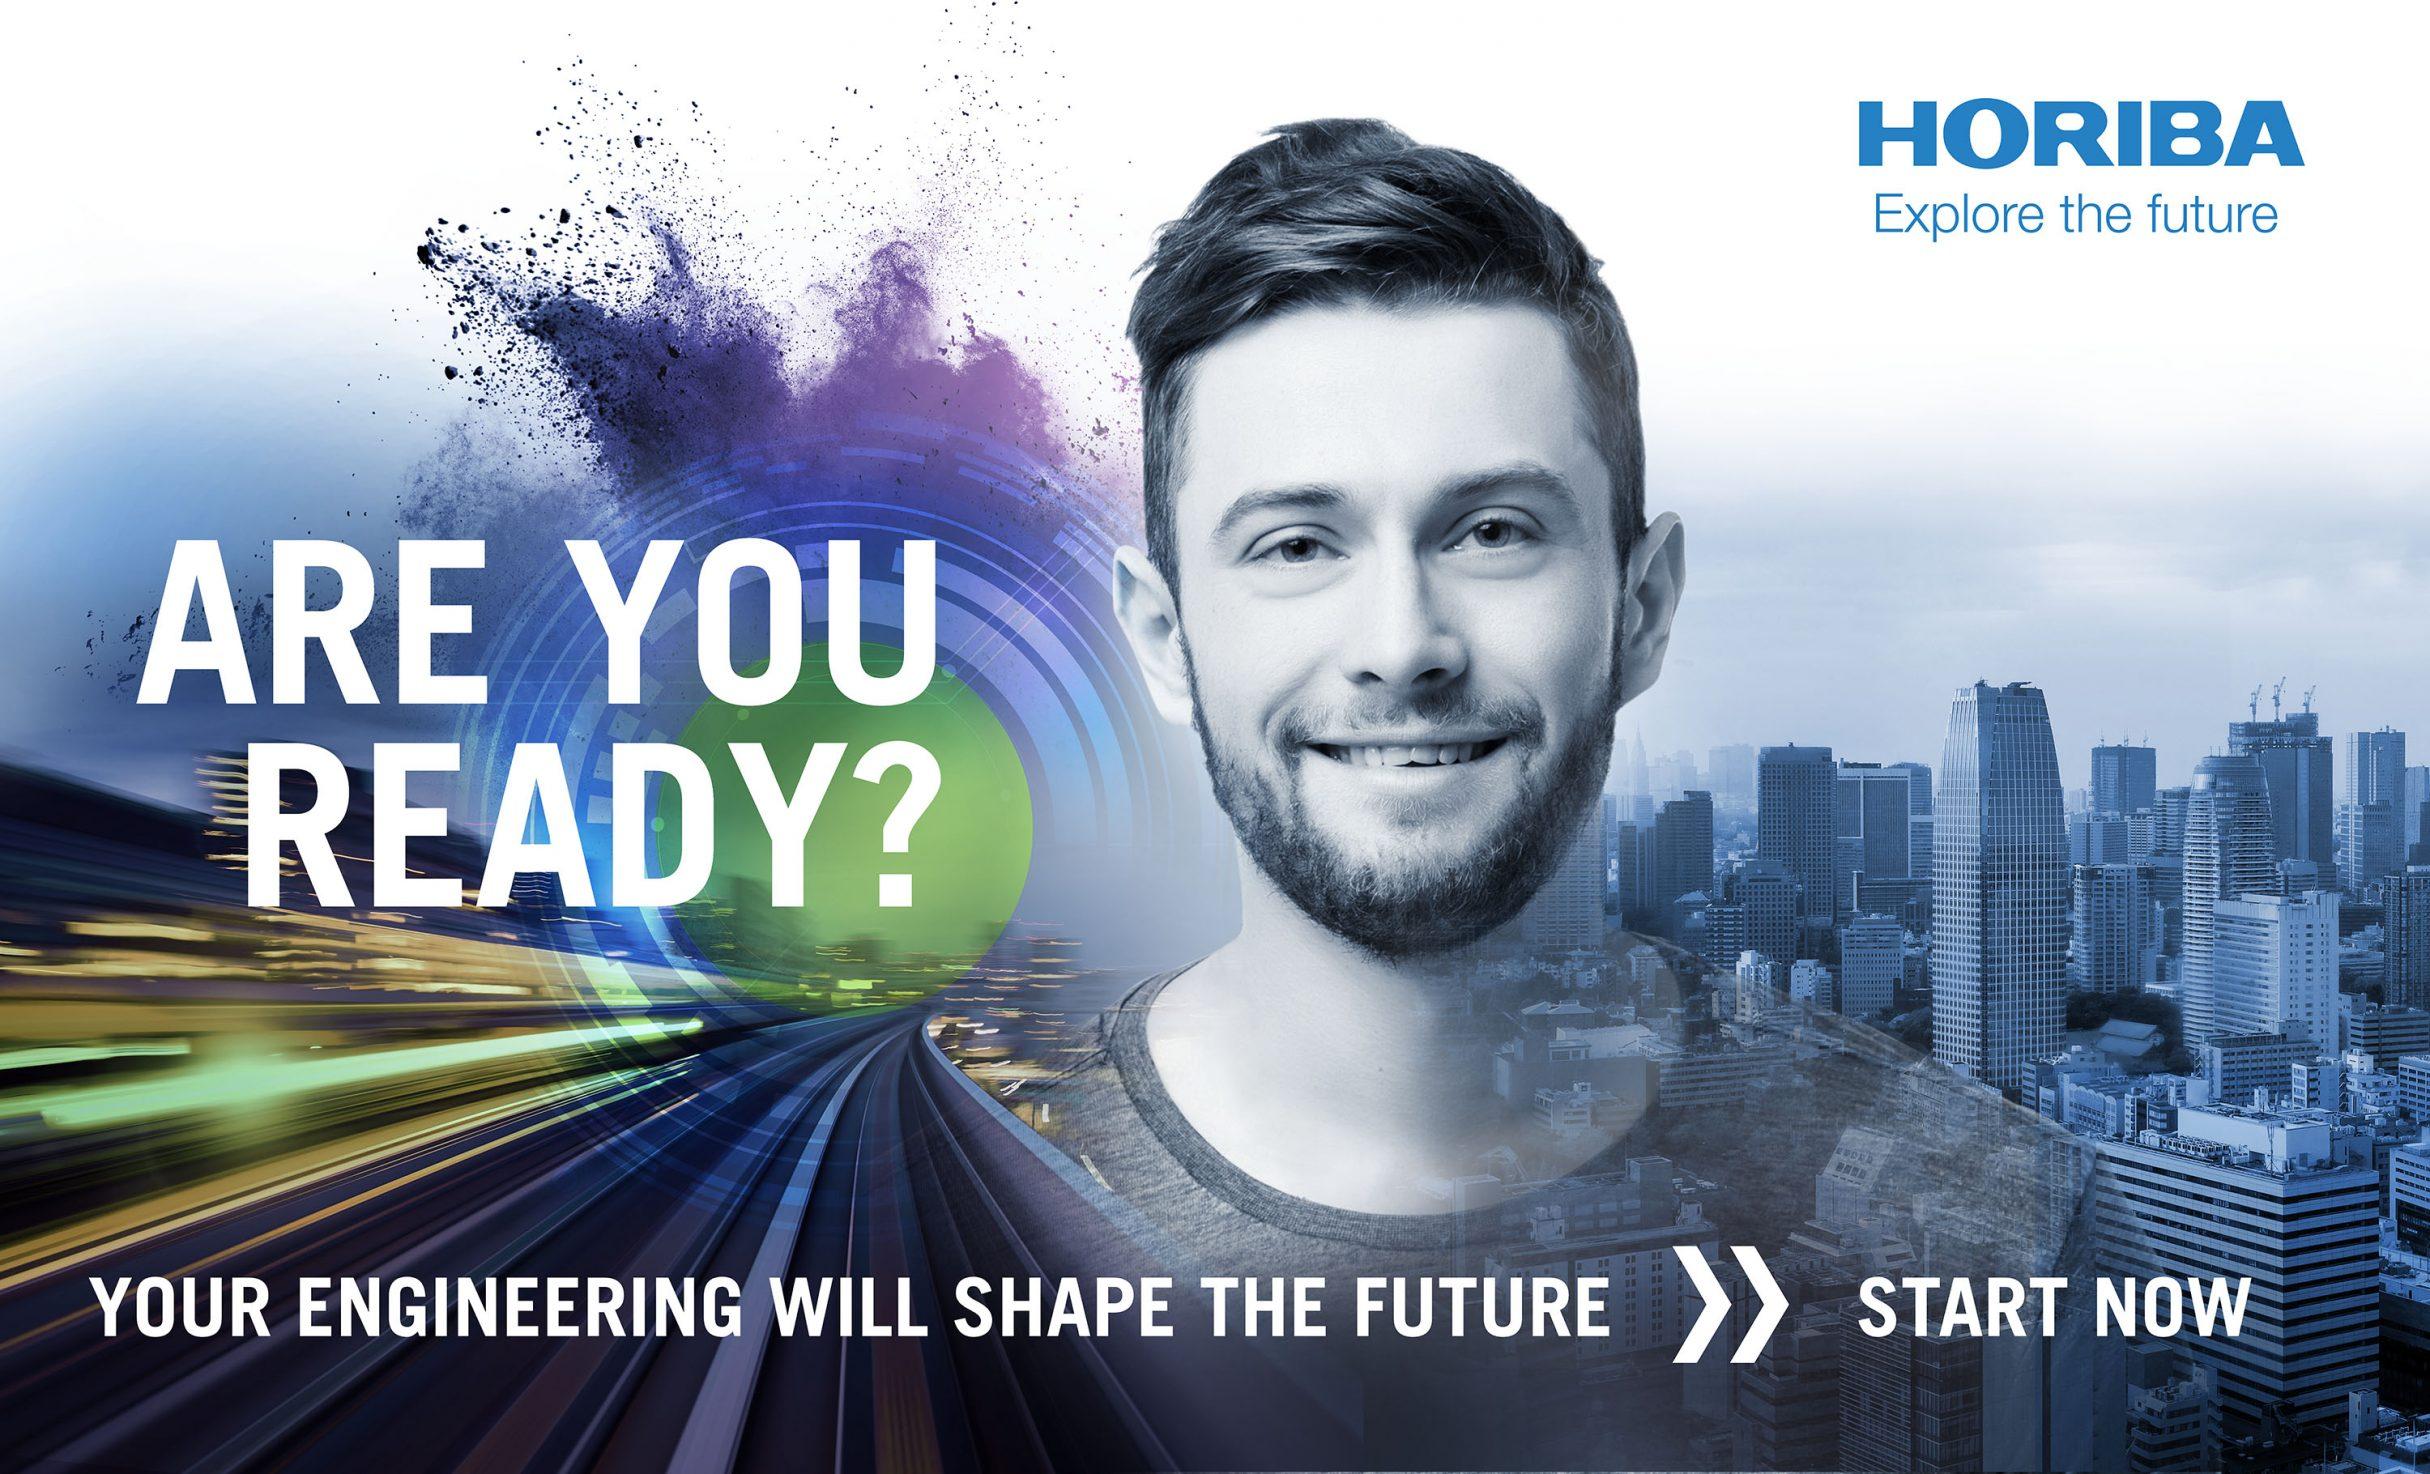 Recruiting Konzept, automotive test systems für HORIBA: DIE NEUDENKER® Agentur, Darmstadt